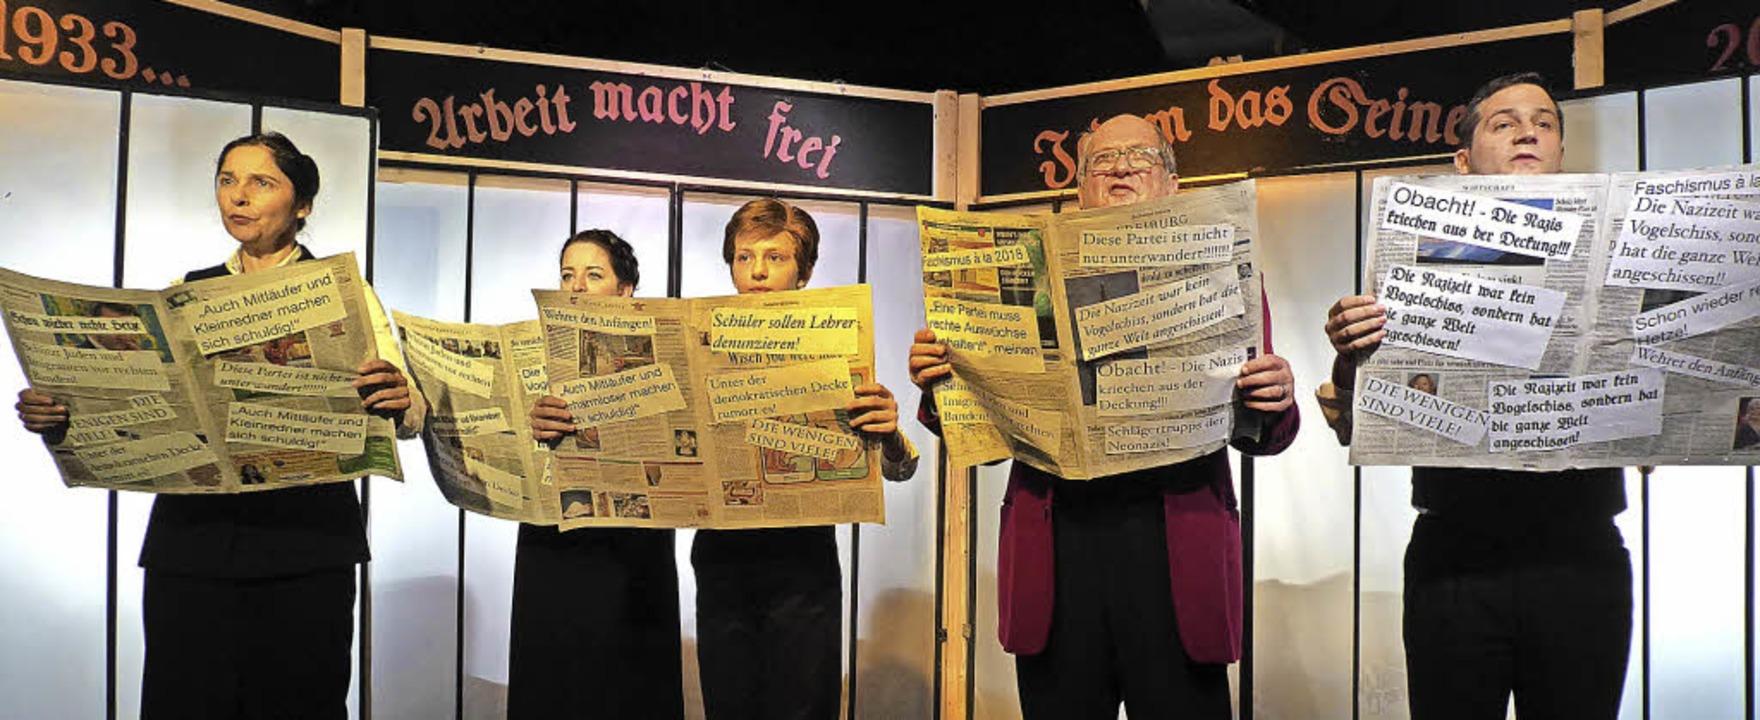 """""""Furcht und elend des Dritten Re...chs Kellertheater in Staufen zu sehen.    Foto: Hans Jürgen Kugler"""